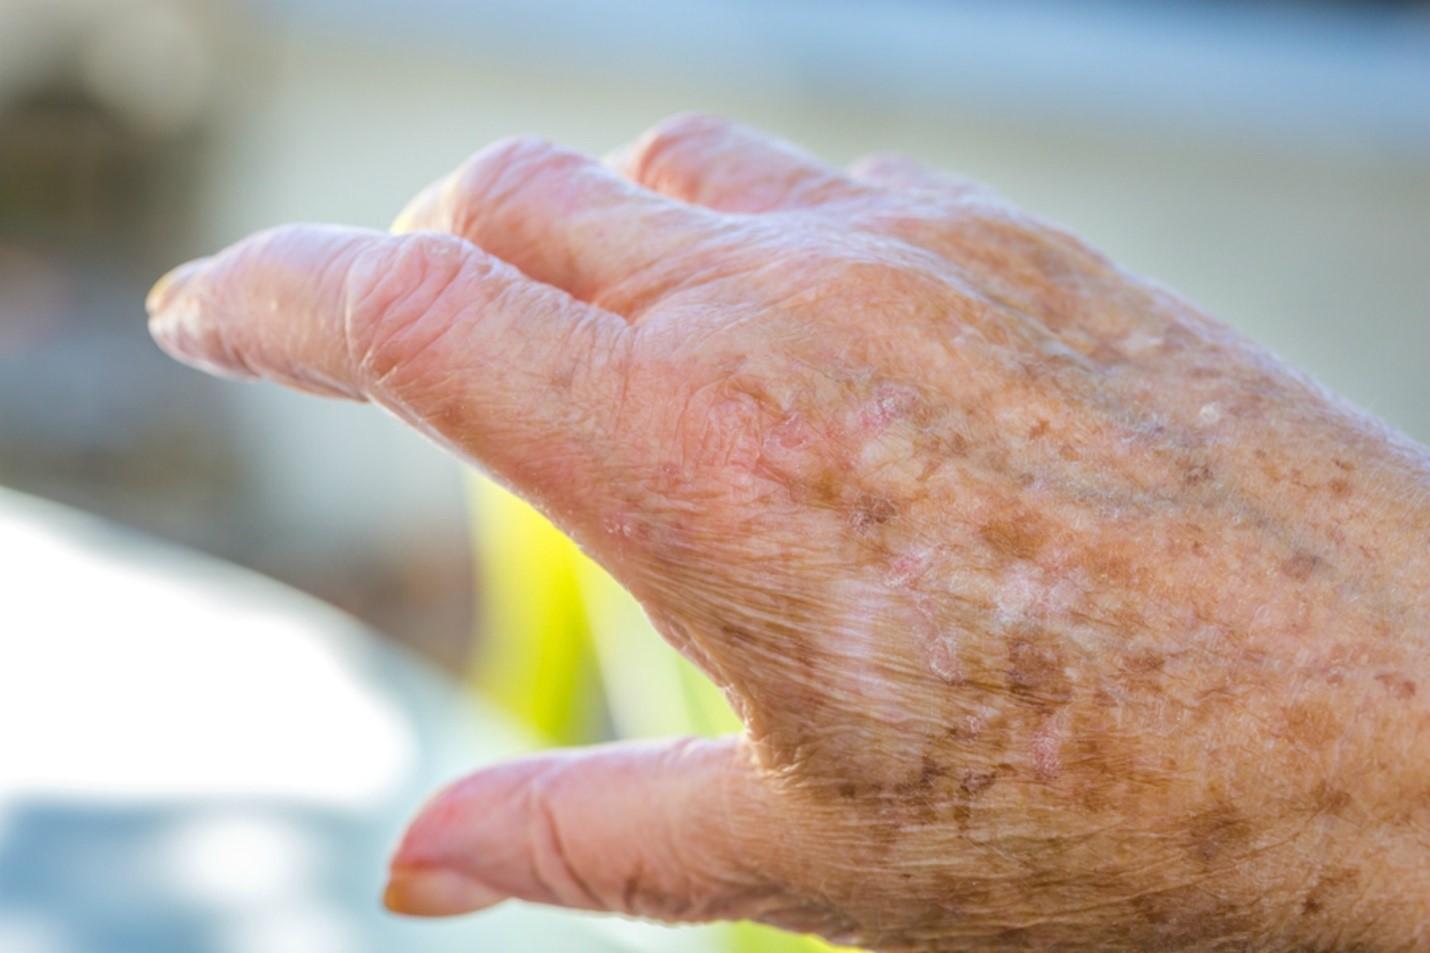 بیماری پوستی در سالمندان